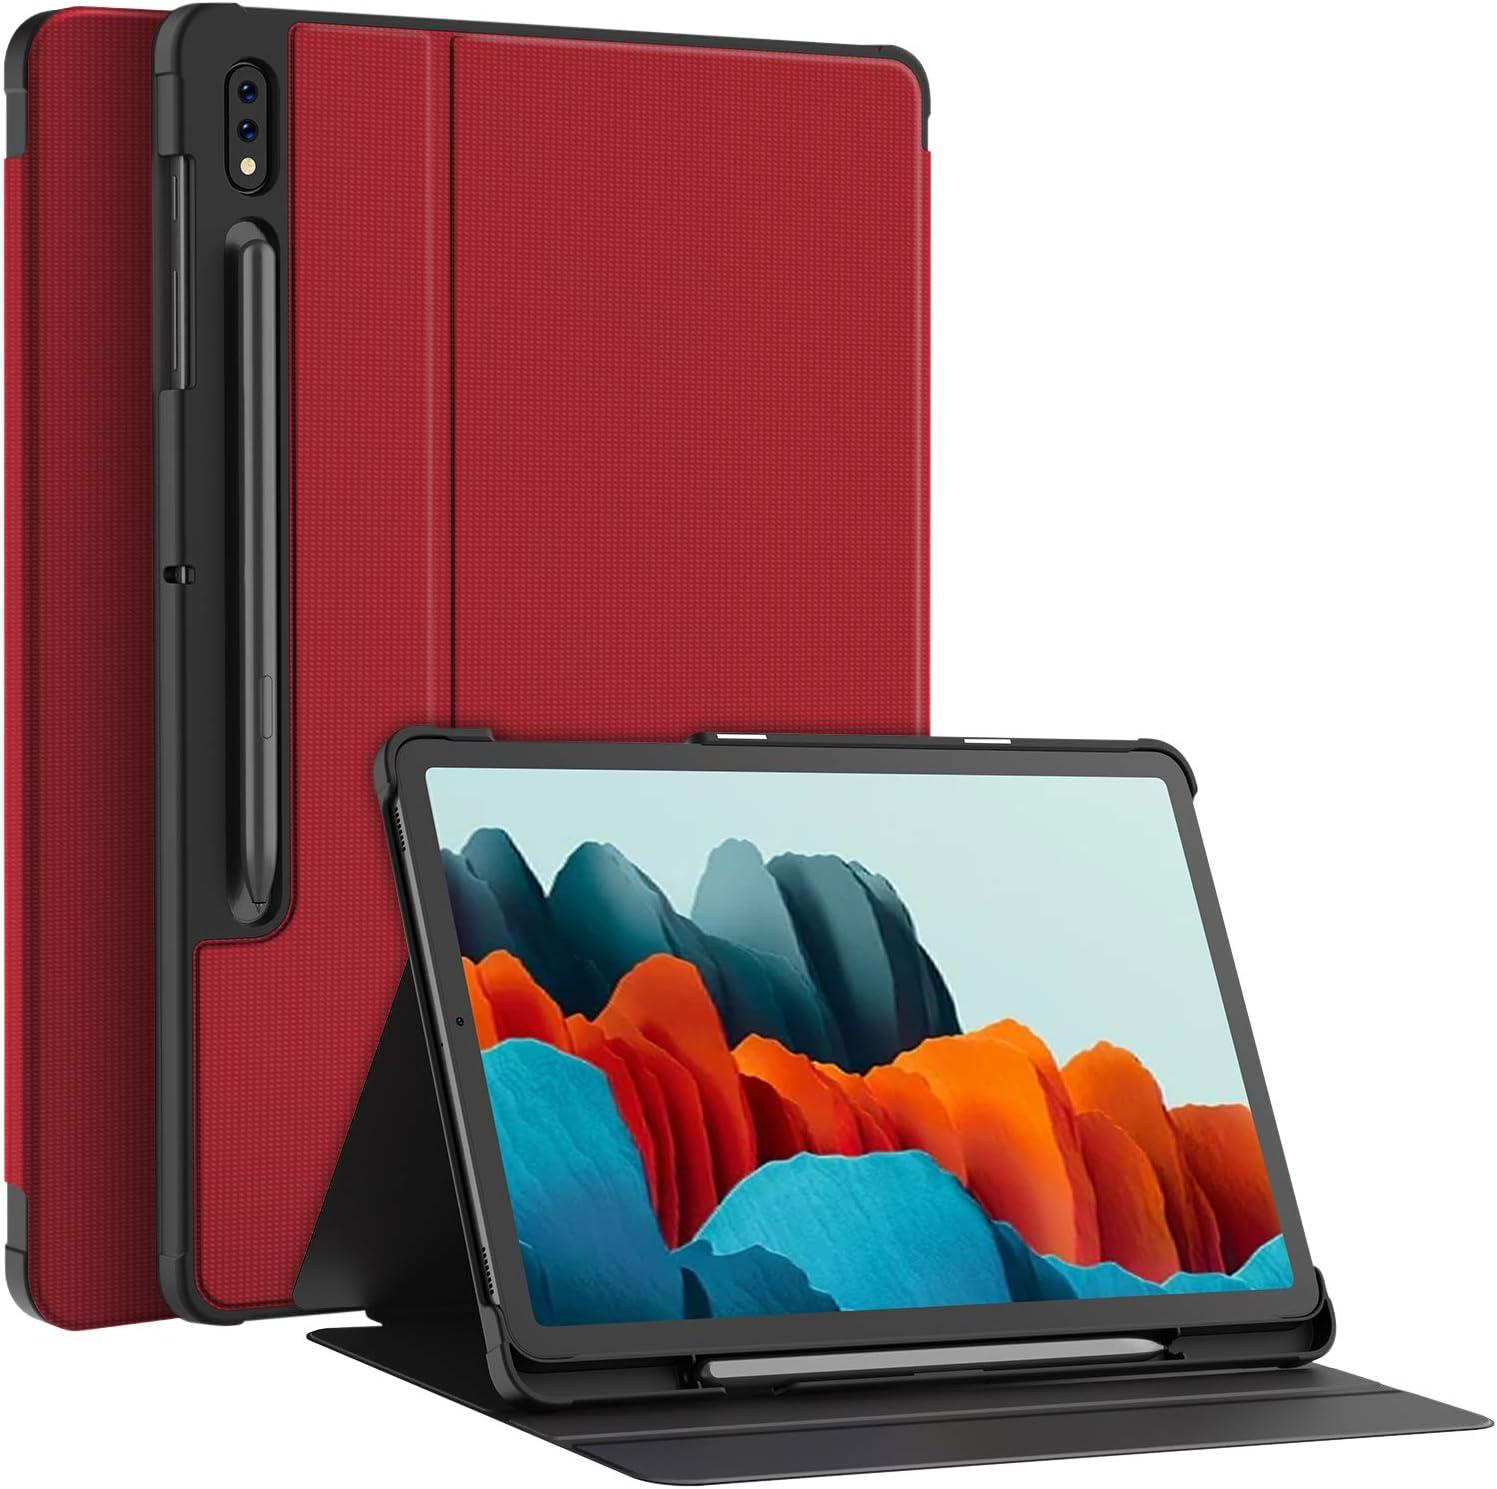 Funda roja para Samsung Galaxy Tab S7 de 11 pulgadas.